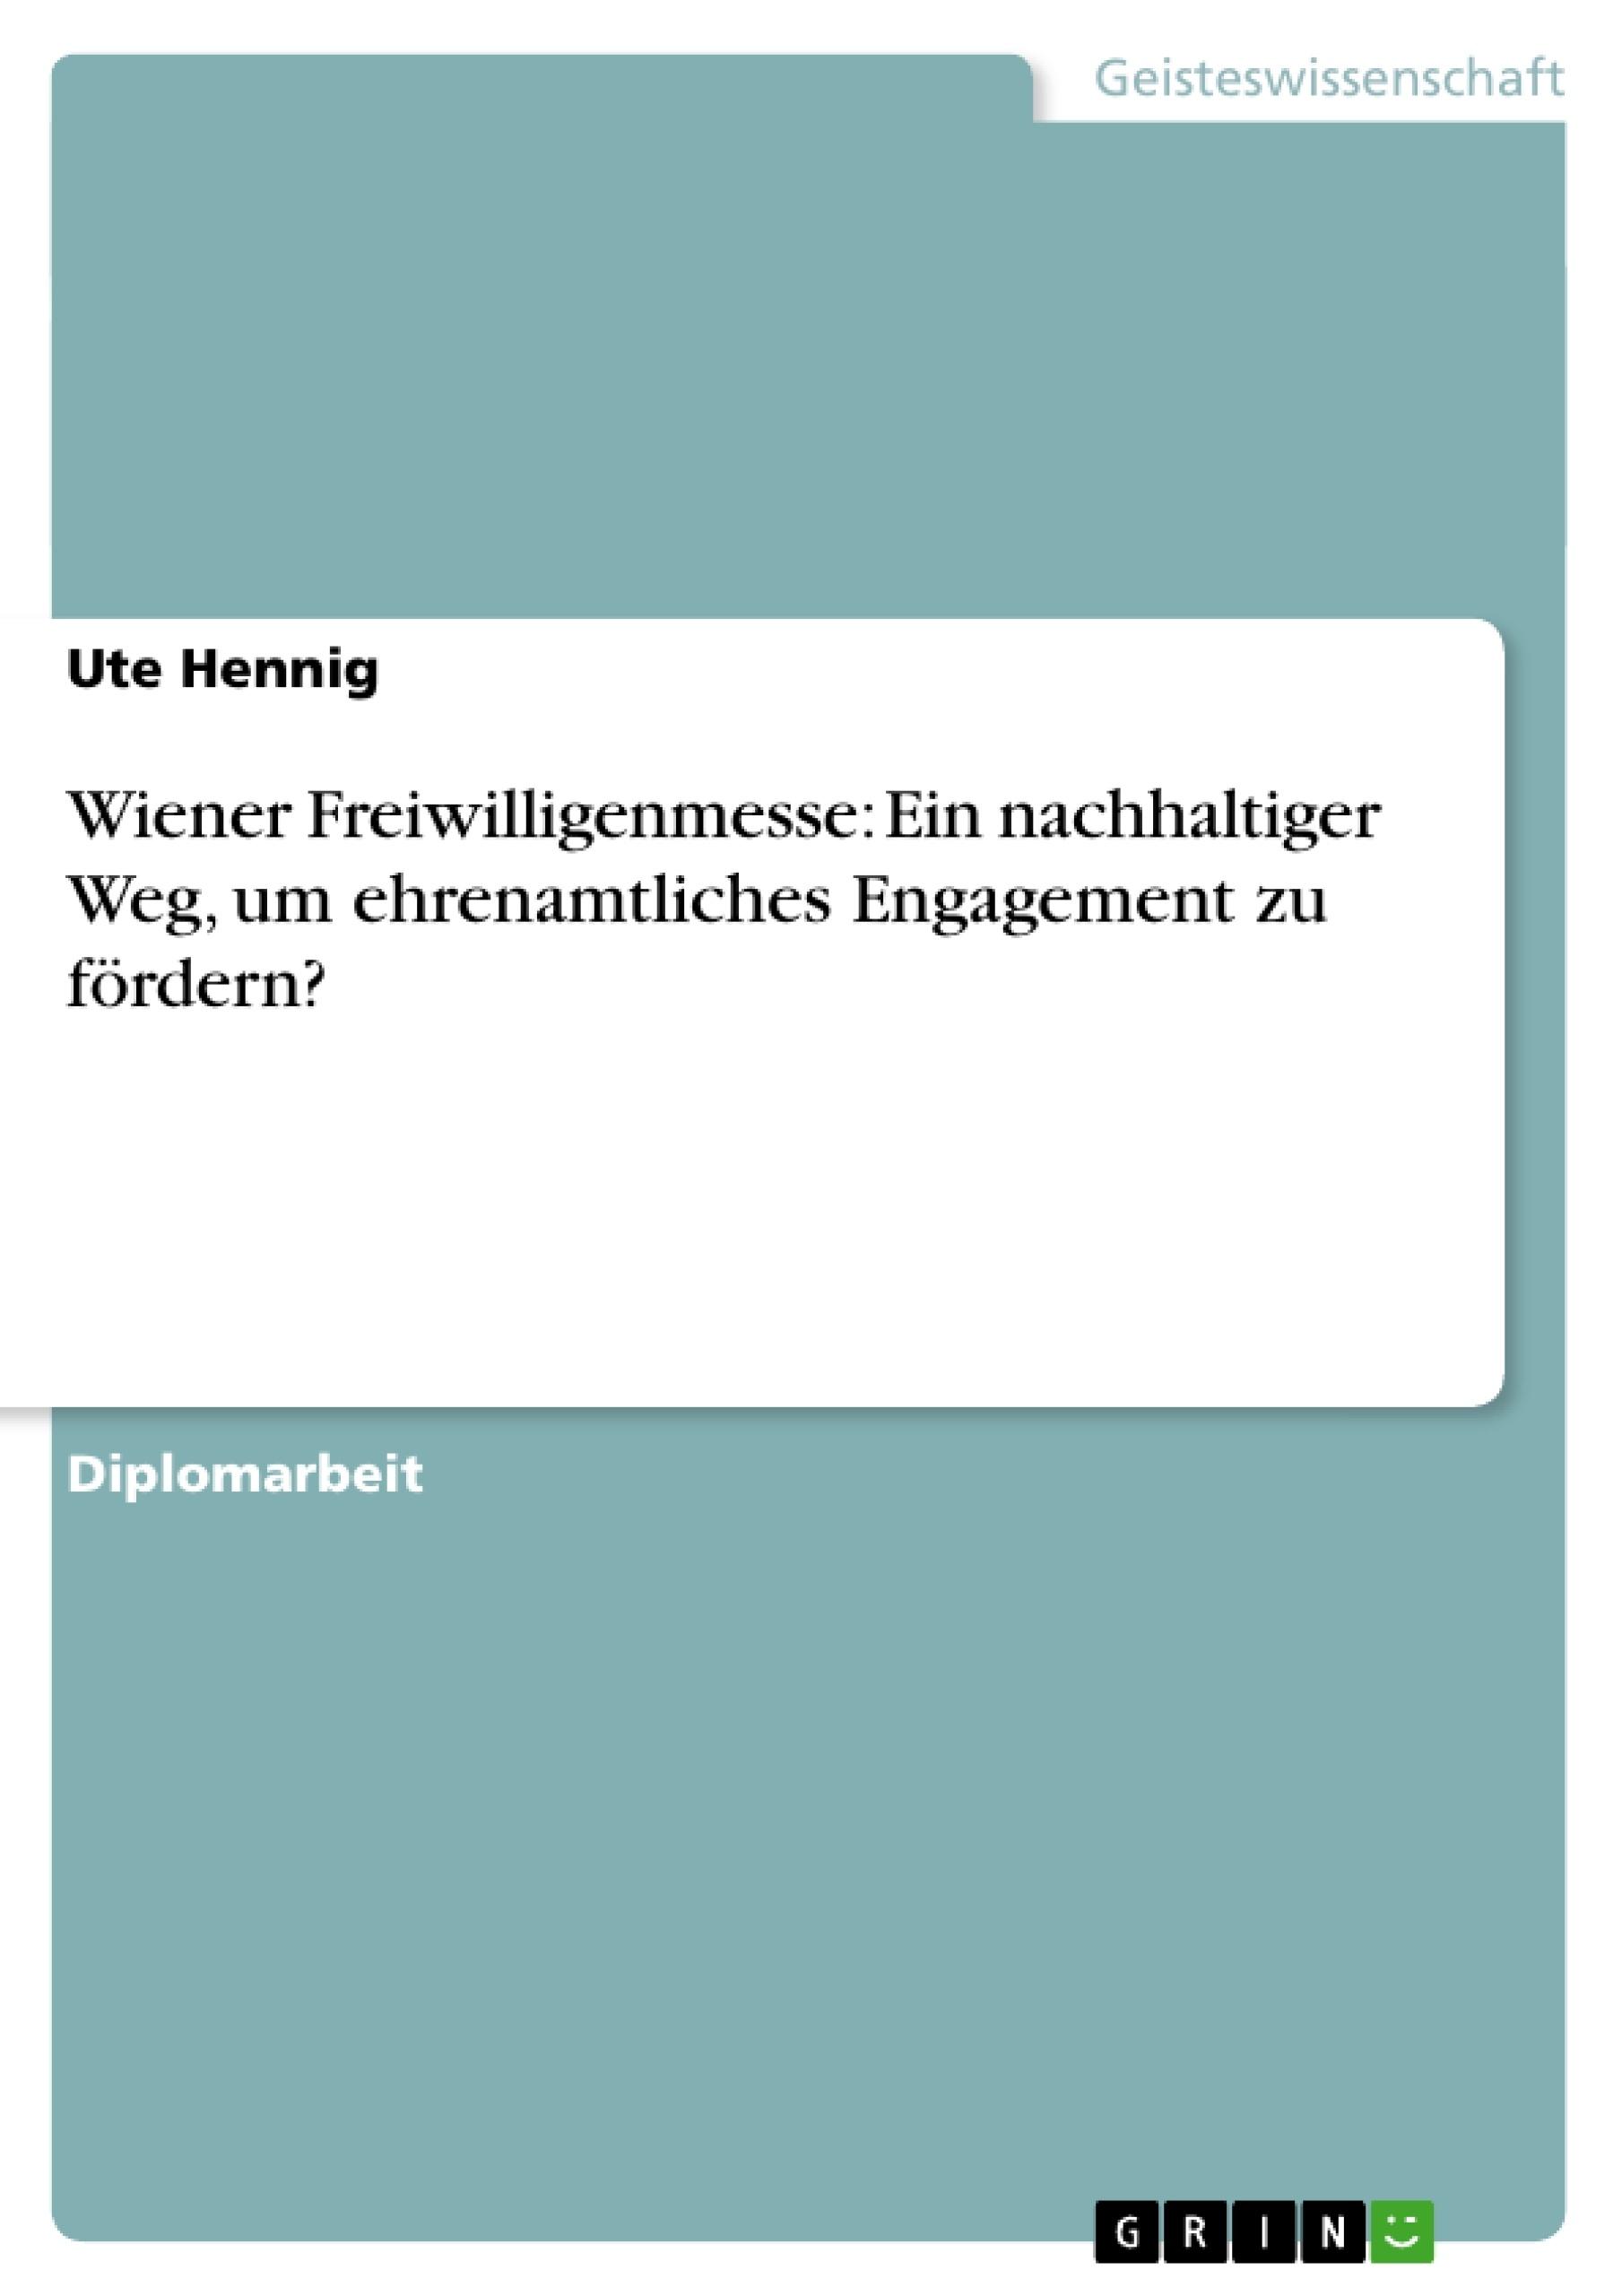 Titel: Wiener Freiwilligenmesse: Ein nachhaltiger Weg, um ehrenamtliches Engagement zu fördern?